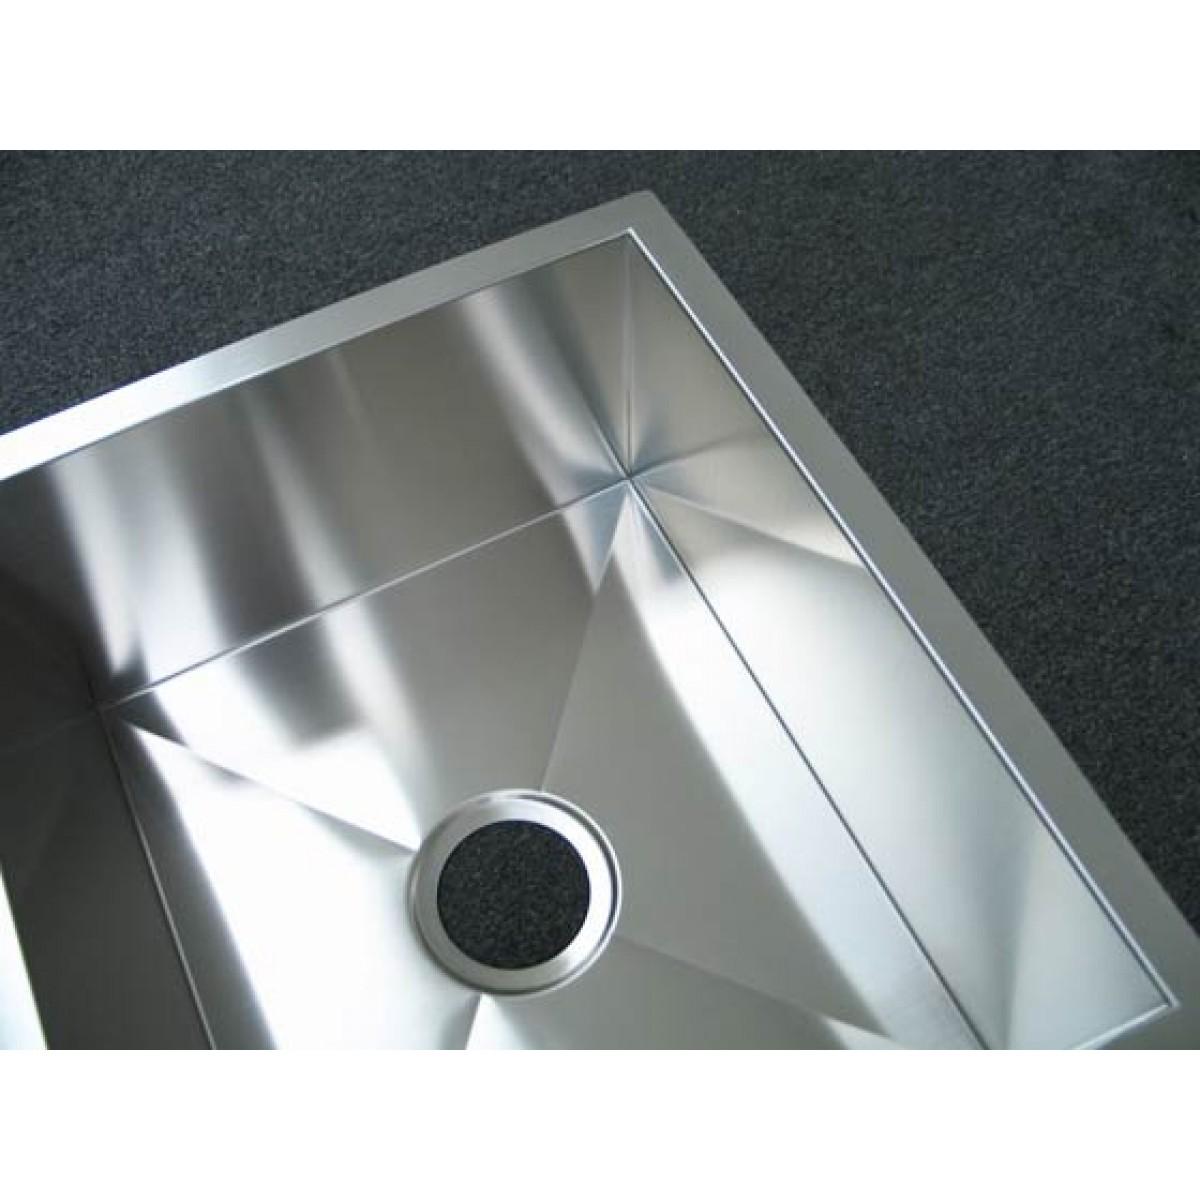 29 inch stainless steel undermount 50 50 double bowl kitchen sink zero radius design 29 inch stainless steel undermount 50 50 double bowl kitchen sink      rh   emoderndecor com